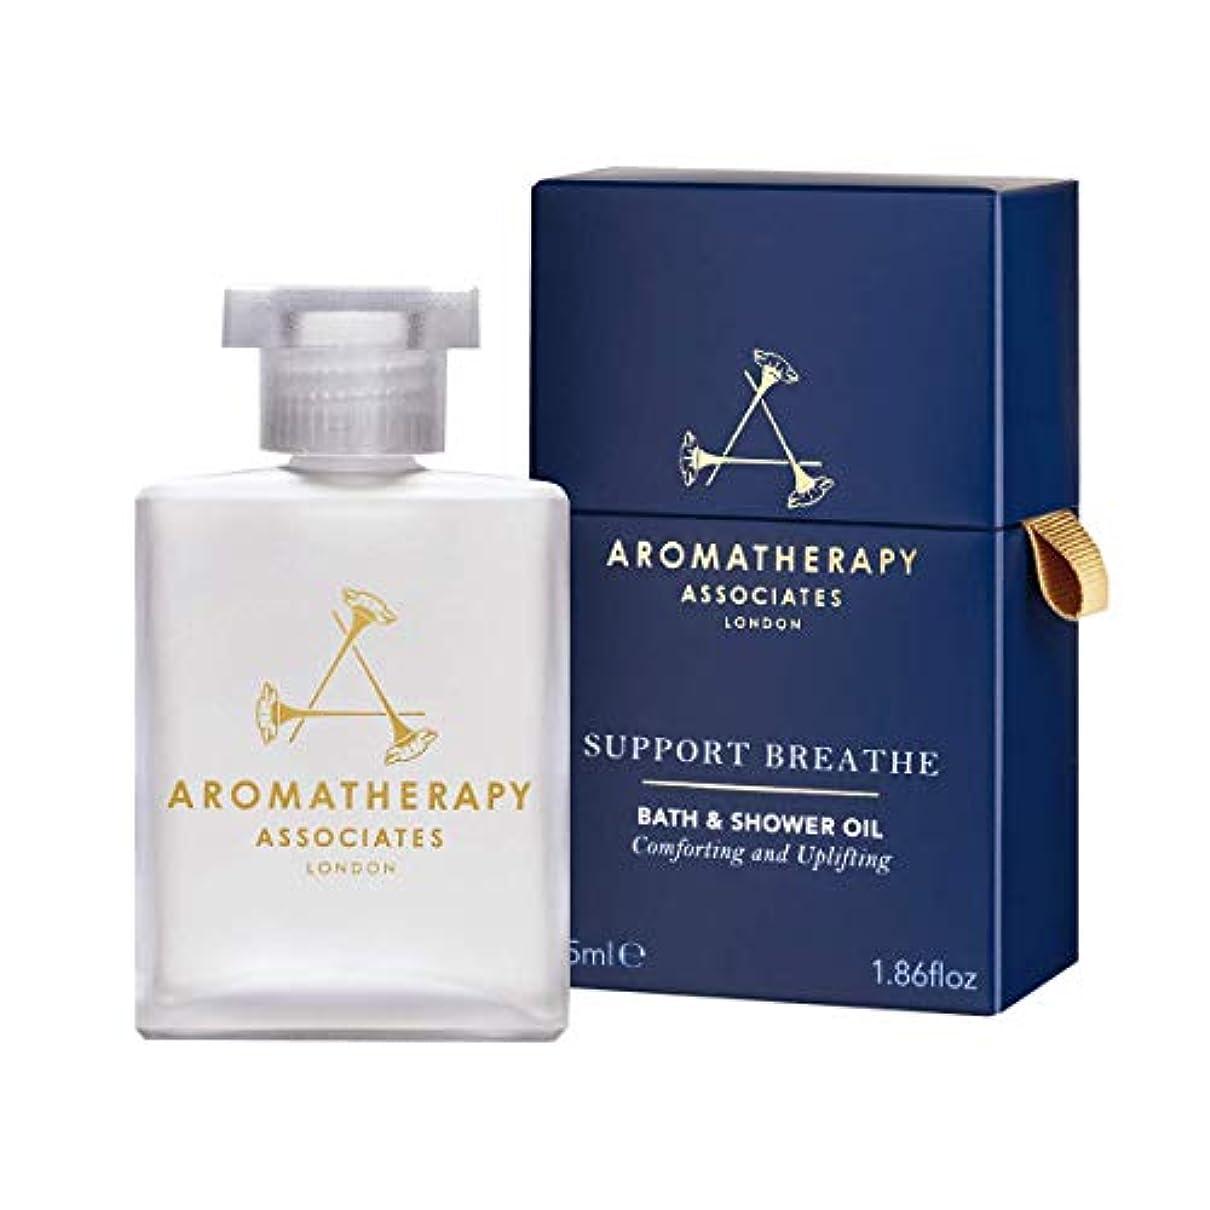 まだらプレミアム測定可能アロマセラピー アソシエイツ(Aromatherapy Associates) サポート ブリーズ バスアンドシャワーオイル 55ml [海外直送品] [並行輸入品]